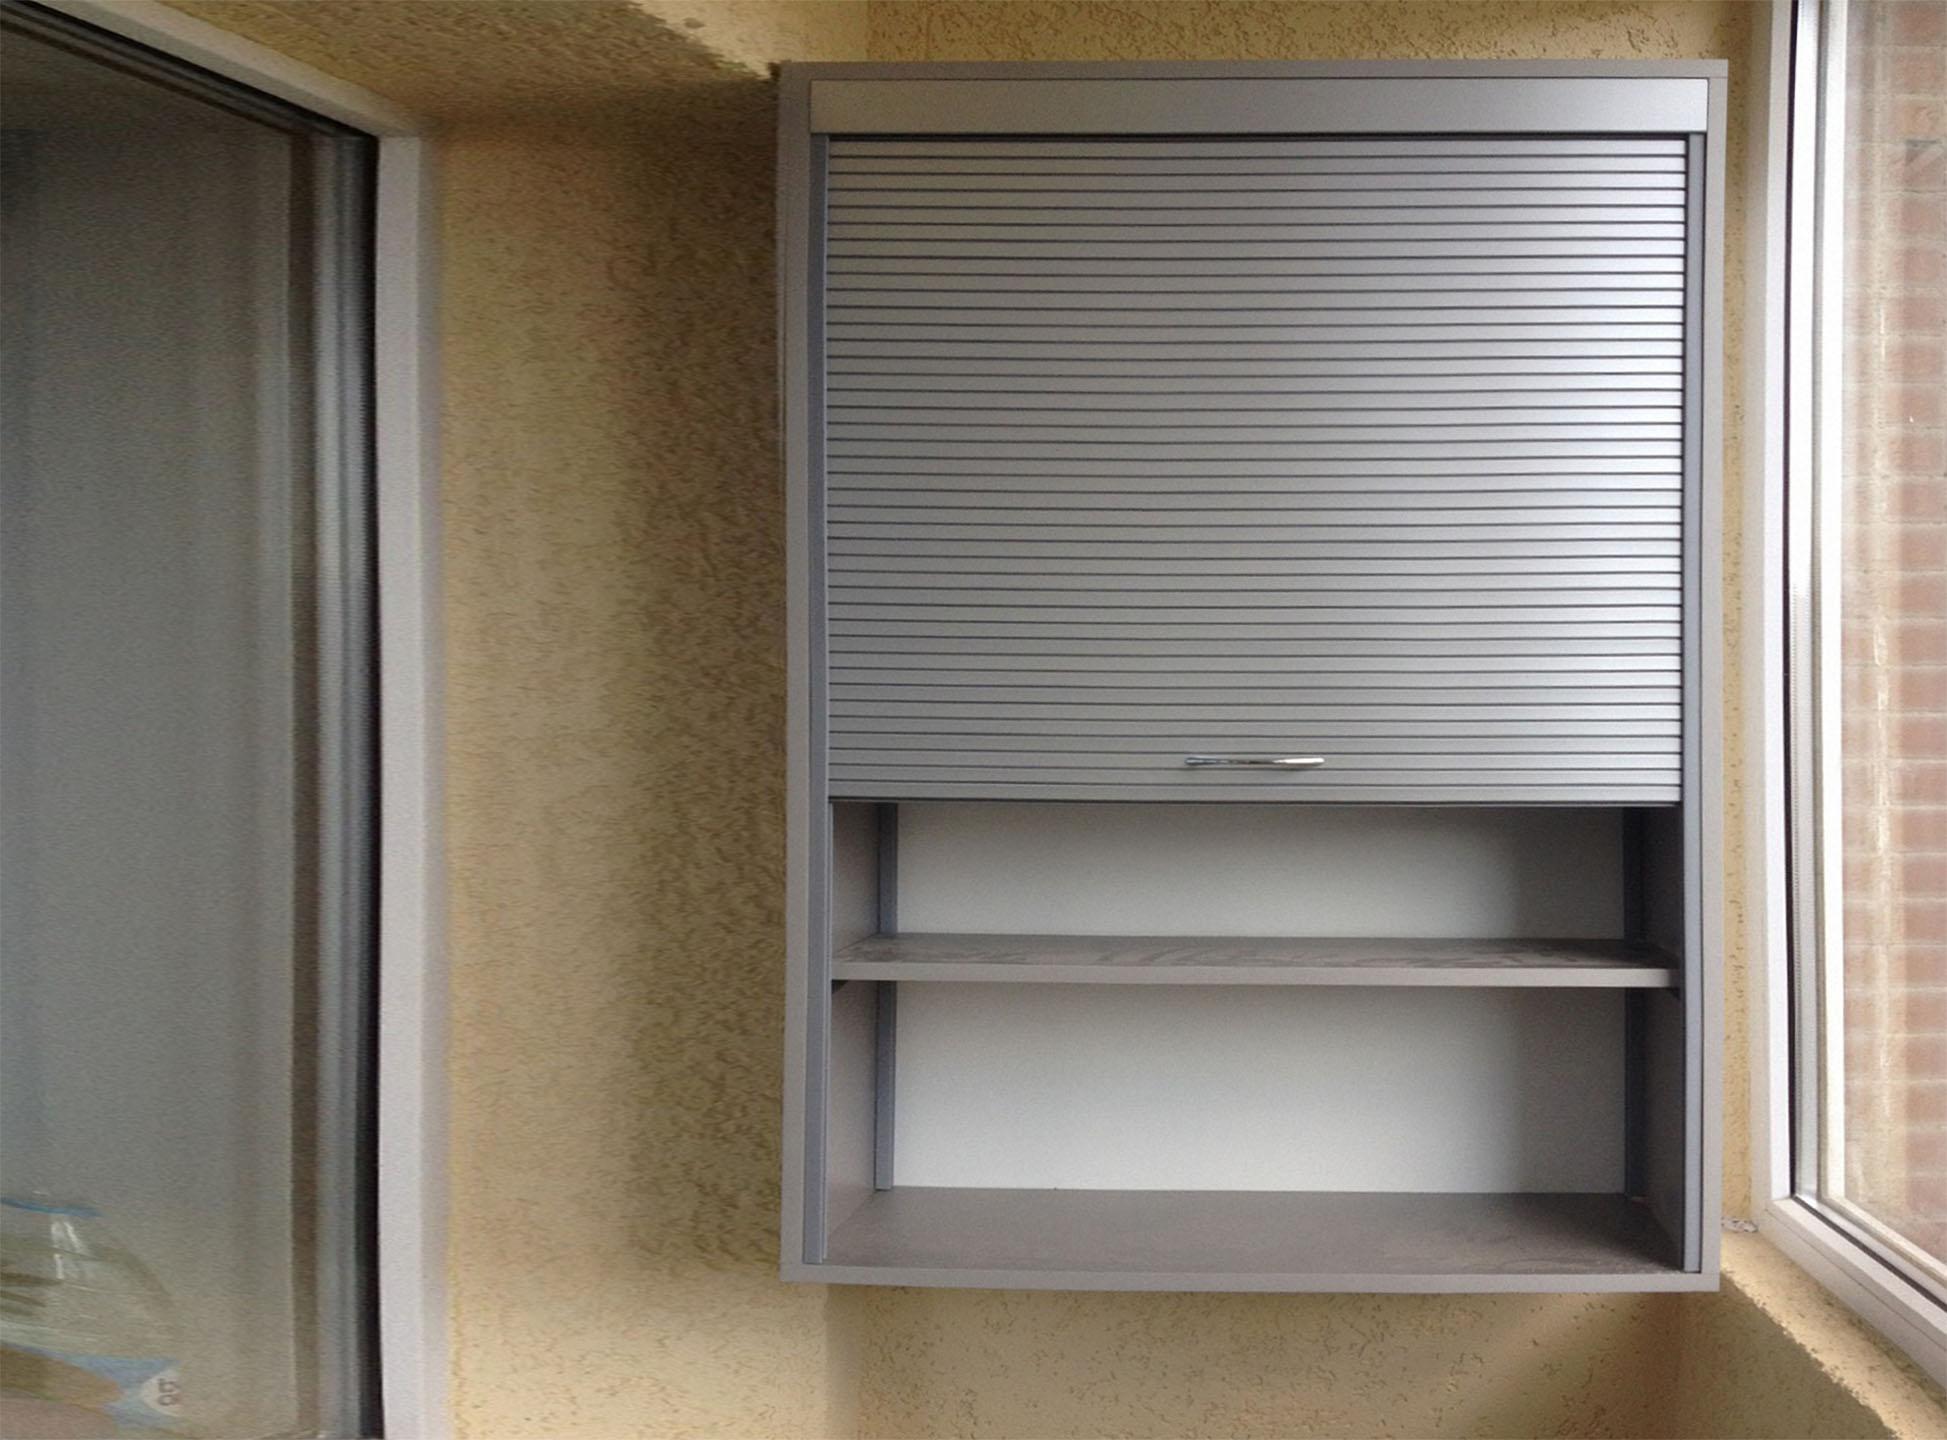 шкаф для лоджии из рольставень